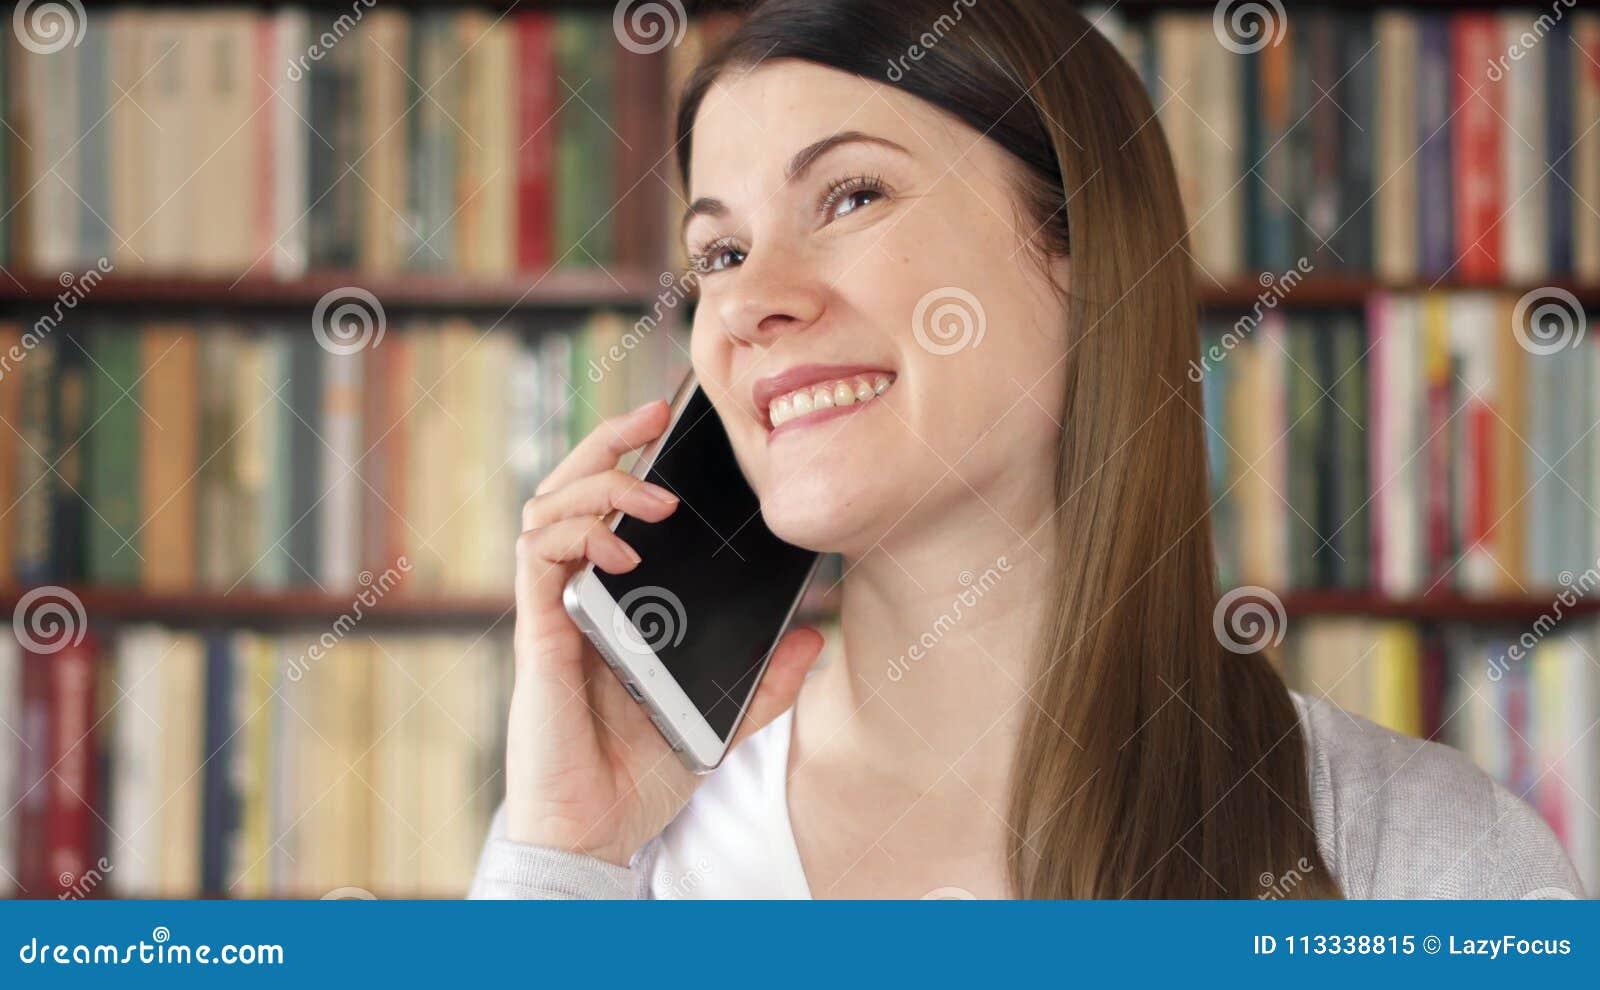 ced308ea3f716 Estudiante Universitario De Sexo Femenino Sonriente Que Usa El Teléfono  Móvil En La Biblioteca De Universidad